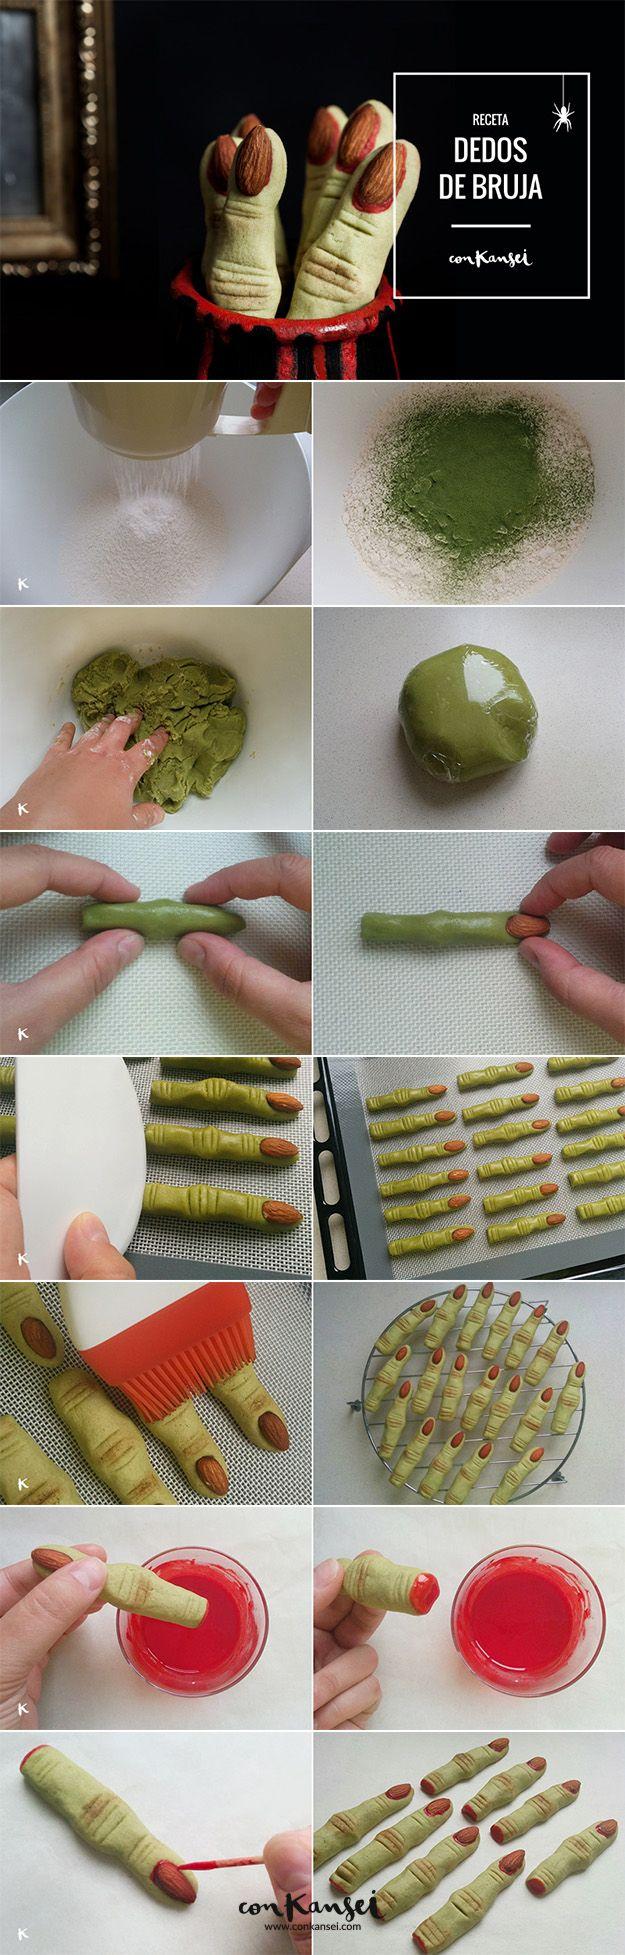 Receta para Halloween: galletas con forma de dedo de bruja. Con té matcha como colorante y almendras como uñas. ¡Geniales!   Conkansei.com